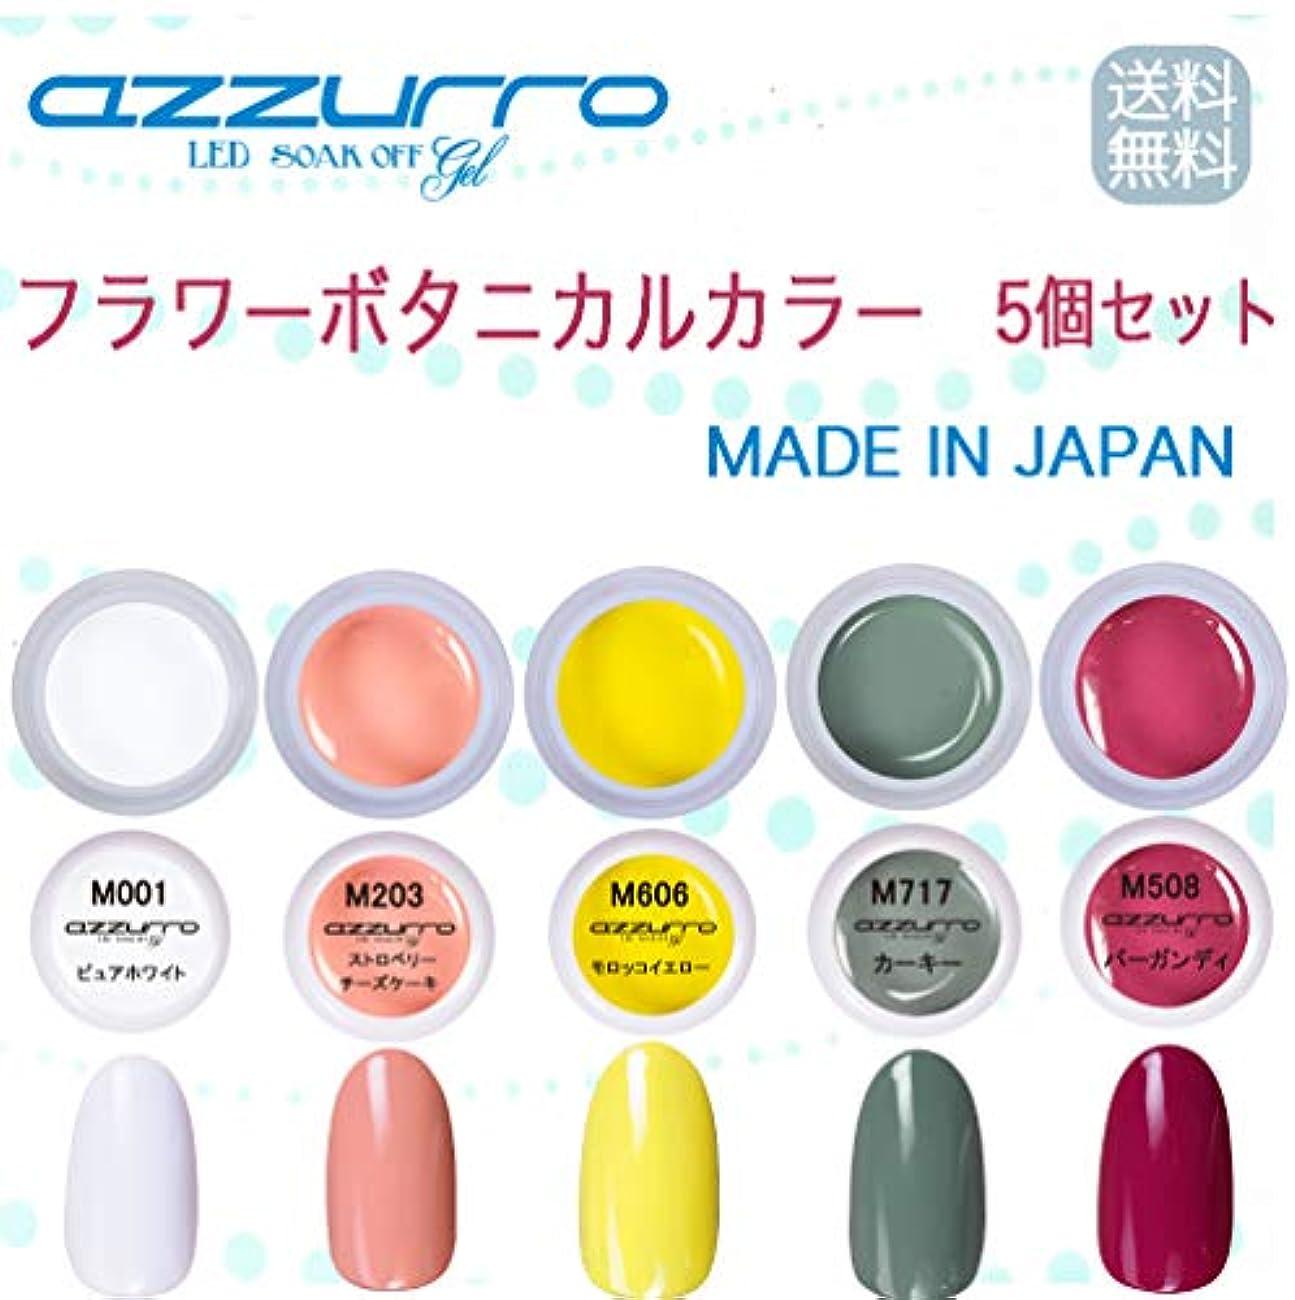 辞書吸い込む講師【送料無料】日本製 azzurro gel フラワーボタニカルカラージェル5個セット 春にピッタリでかわいいフラワーアートにピッタリなカラー